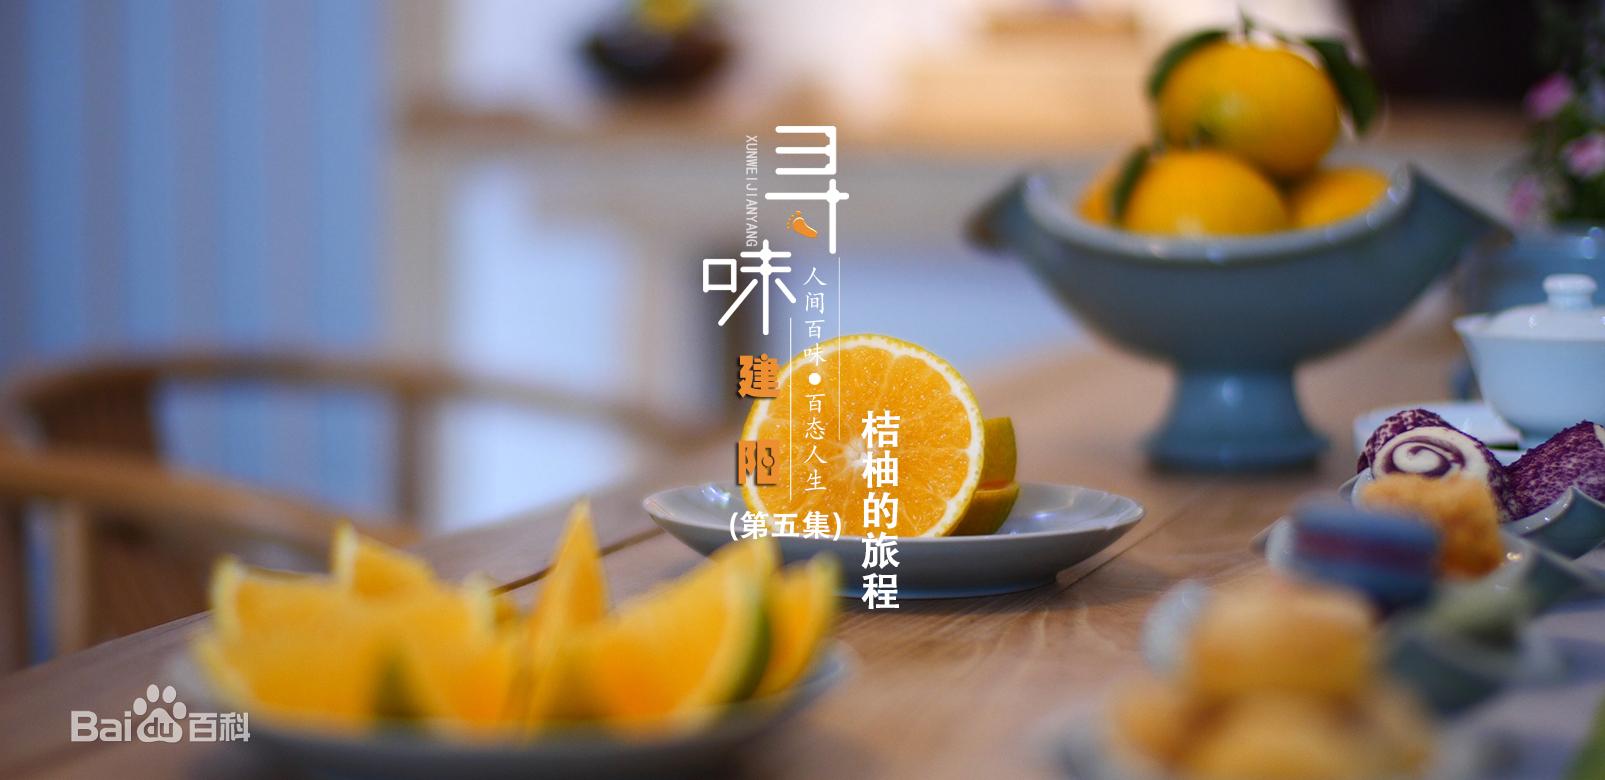 人文美食的纪录片《寻味建阳》第五集:桔柚的旅程